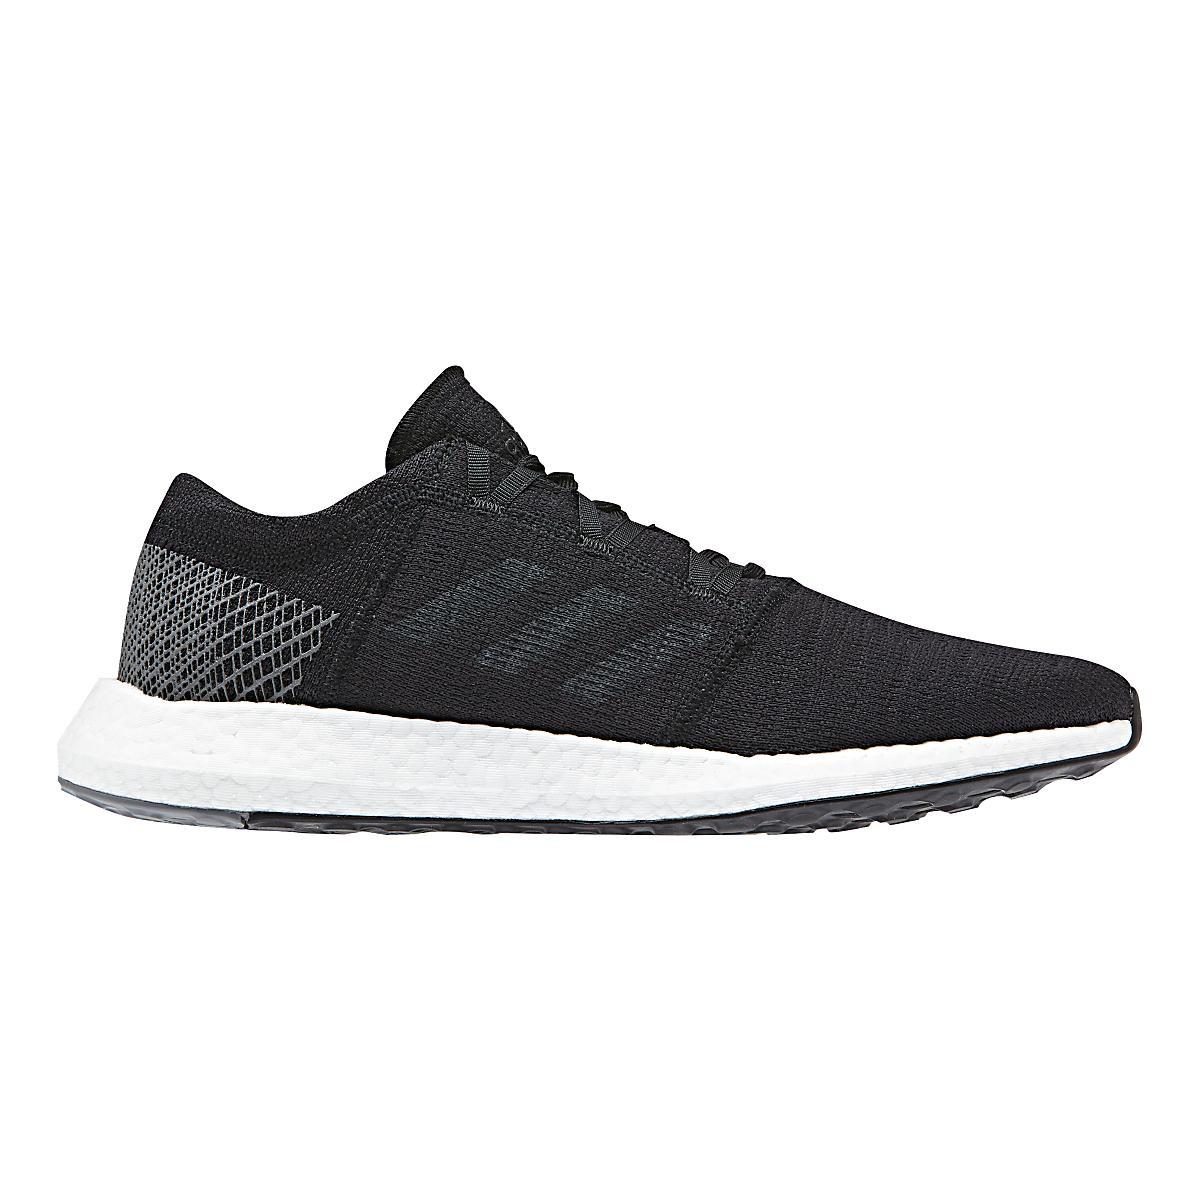 97dd169f7edd4 Mens adidas PureBoost GO Running Shoe at Road Runner Sports